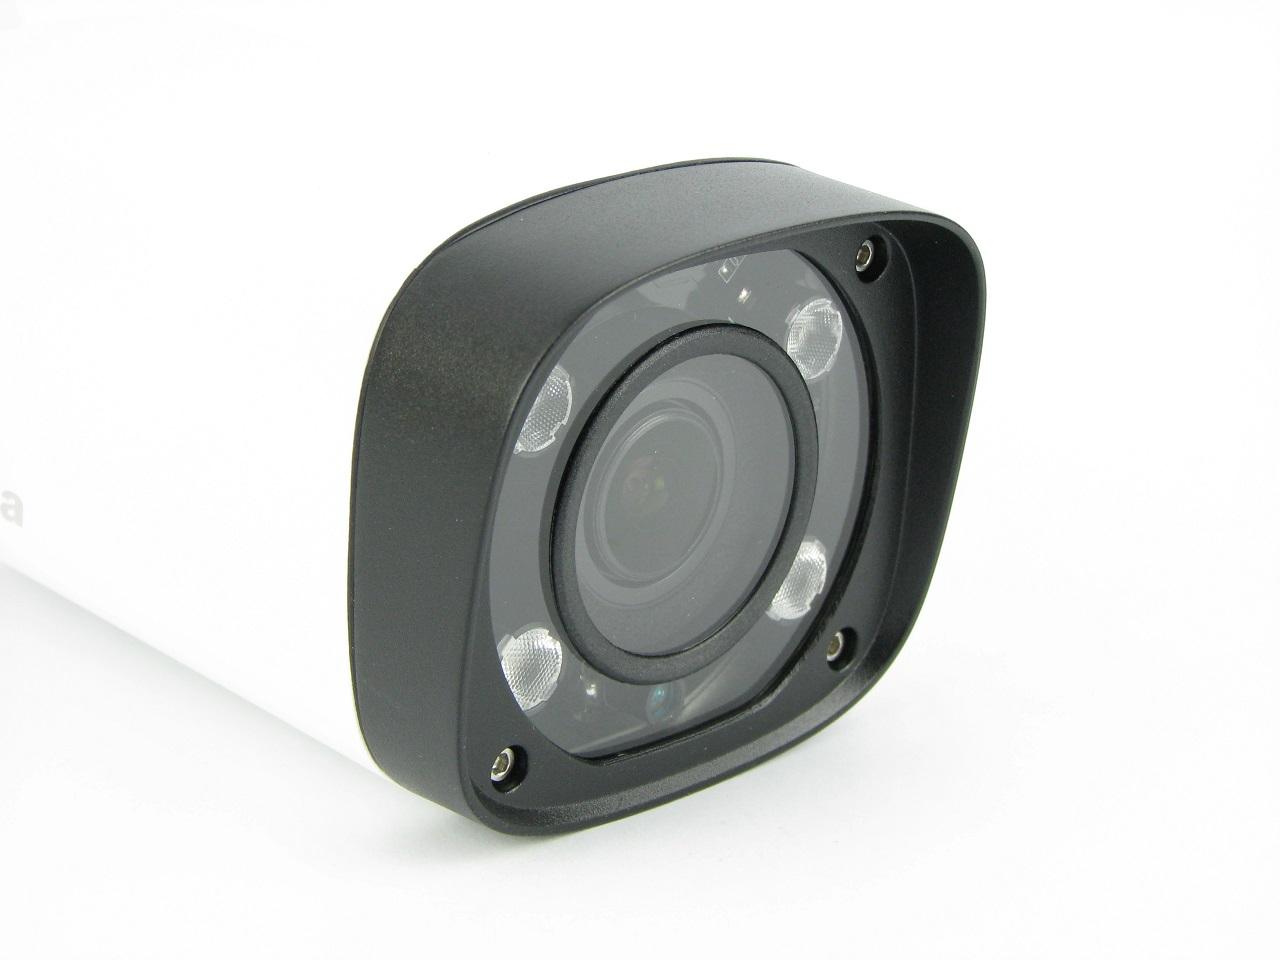 Dahua IPC-HFW4431R-Z Review - Network Camera Tech